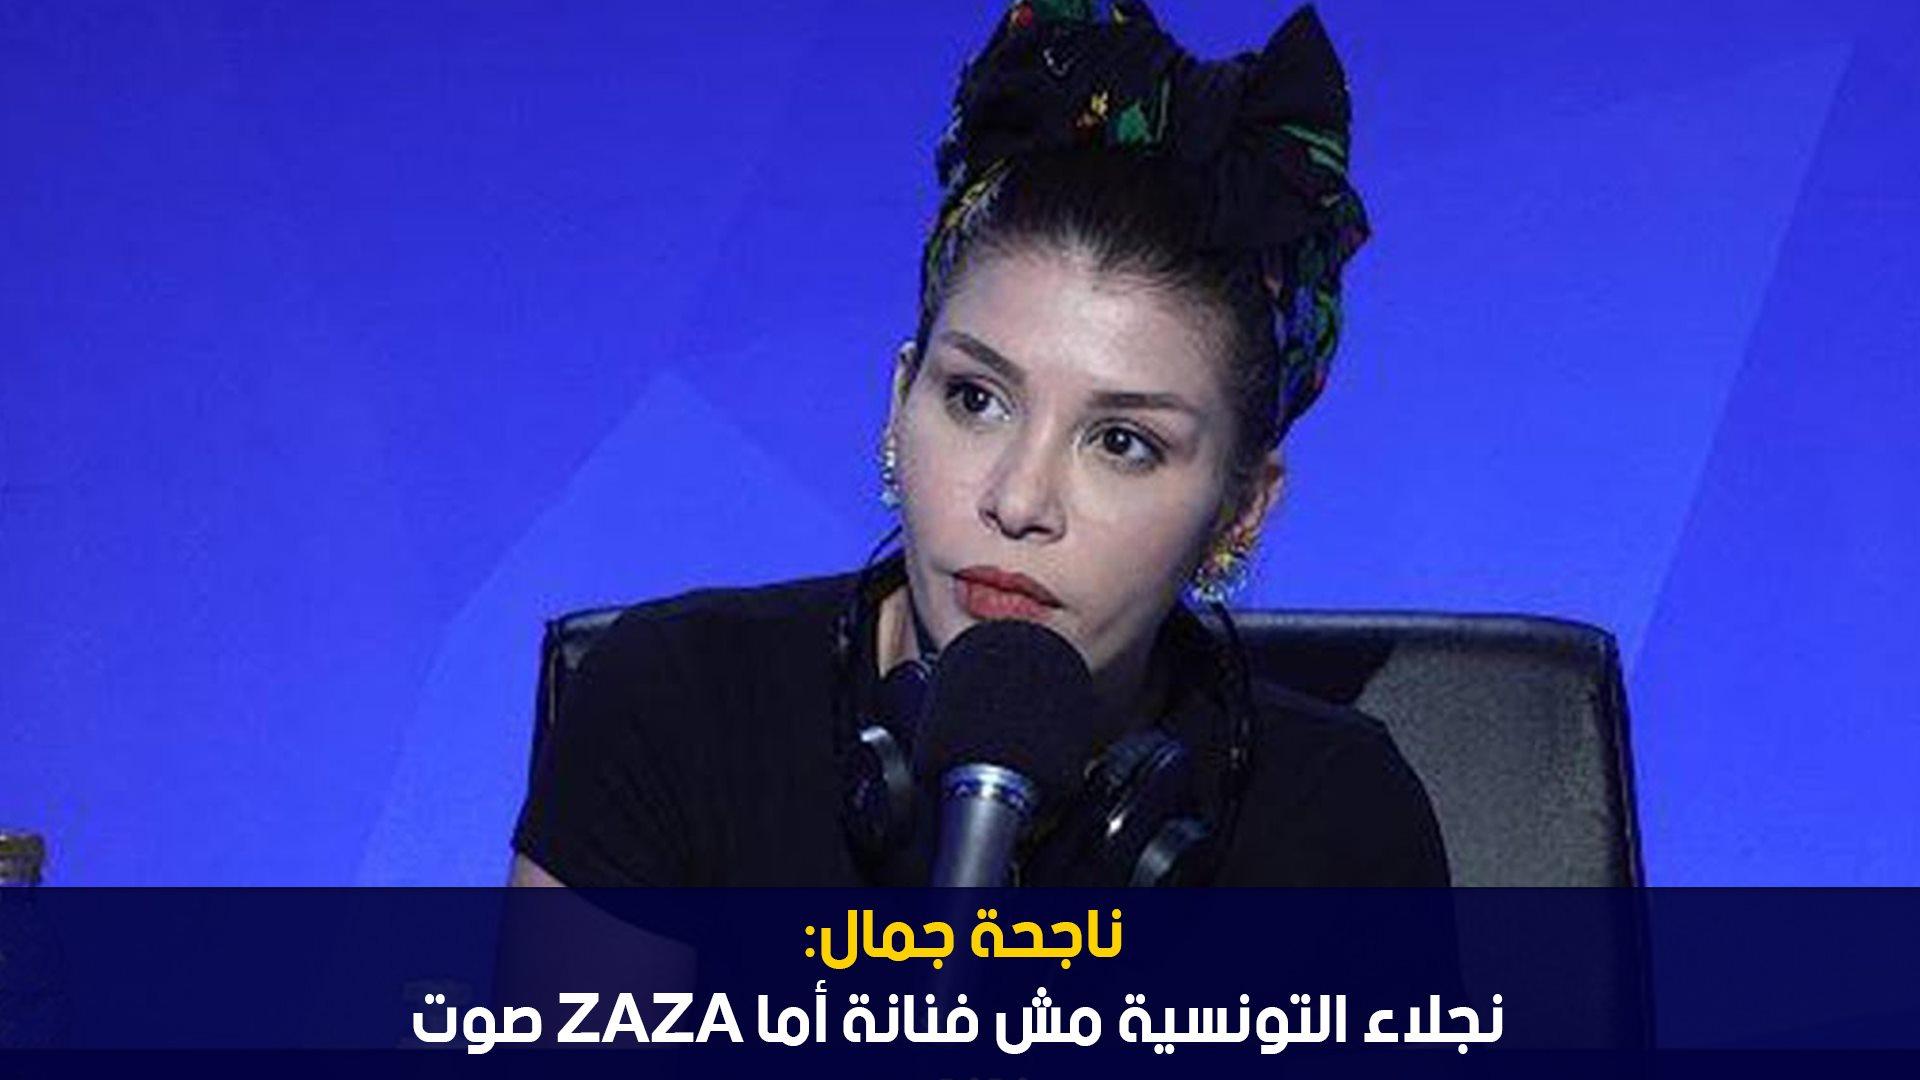 ناجحة جمال :نجلاء التونسية مش فنانة أما Zaza صوت